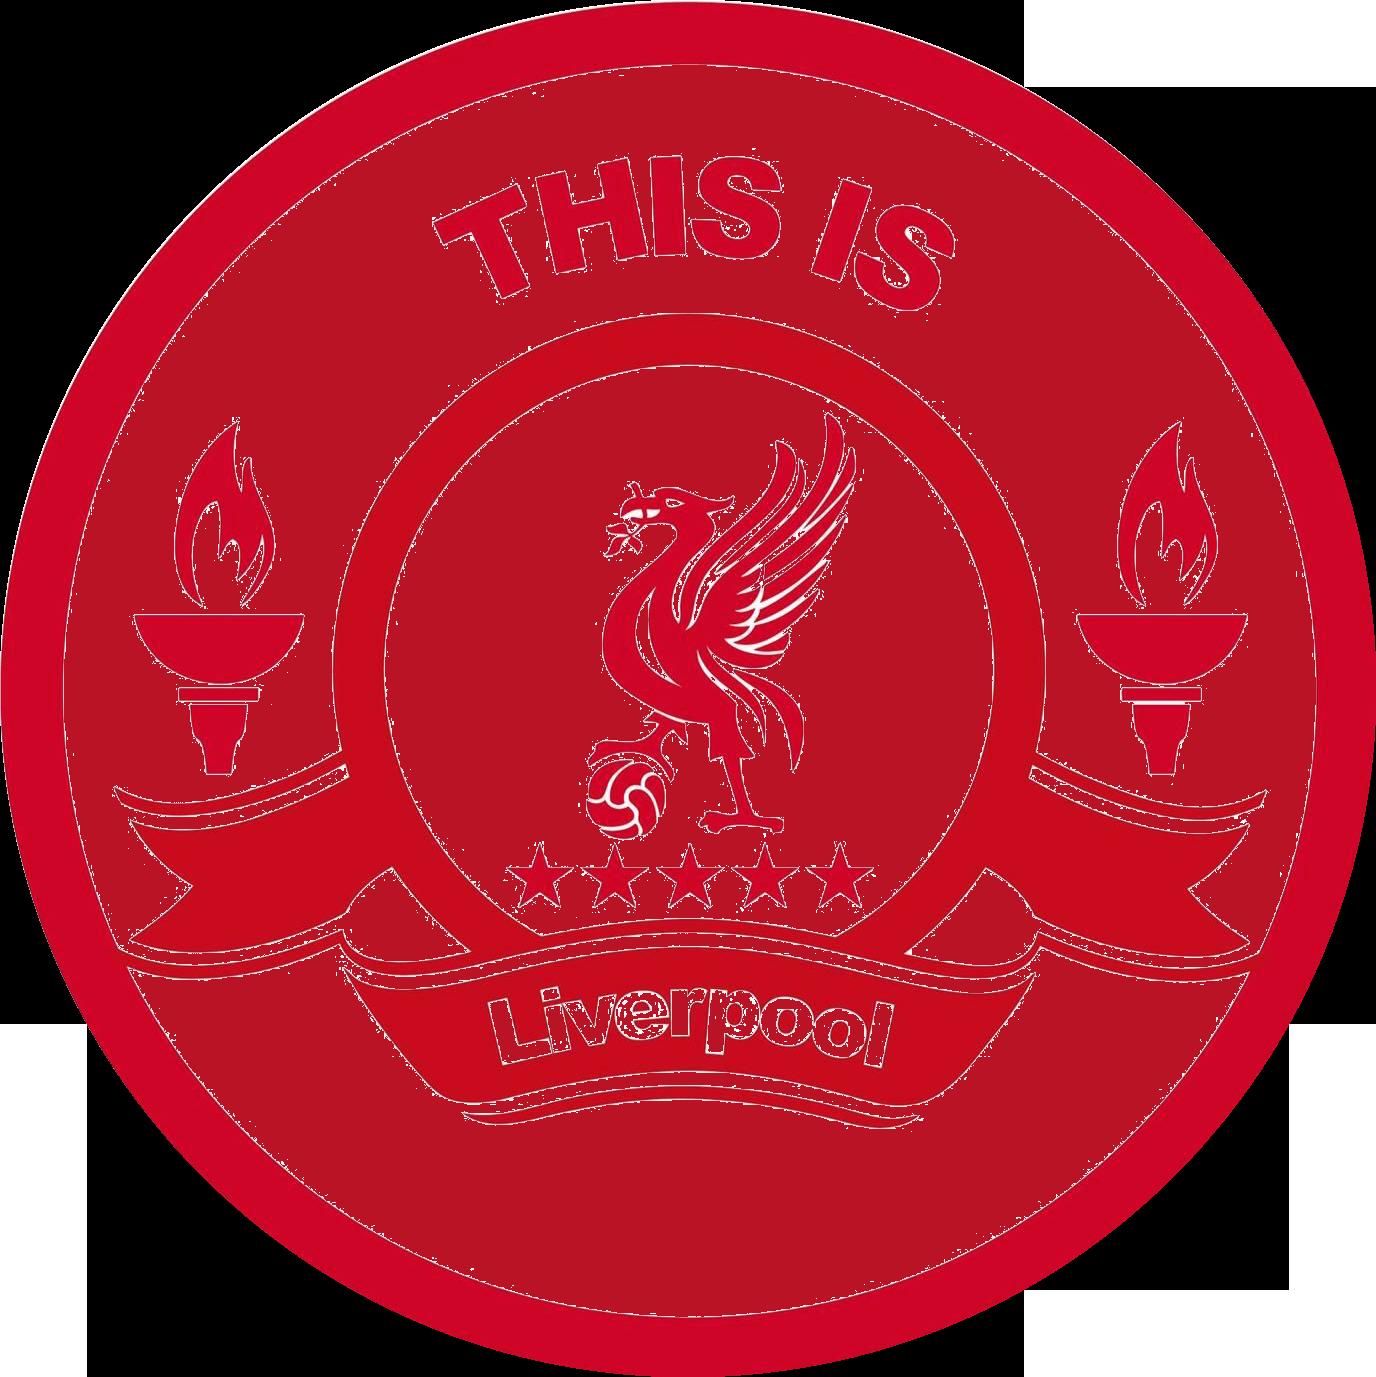 Logotipo Liverpool PNG com fundo transparente para baixar ...